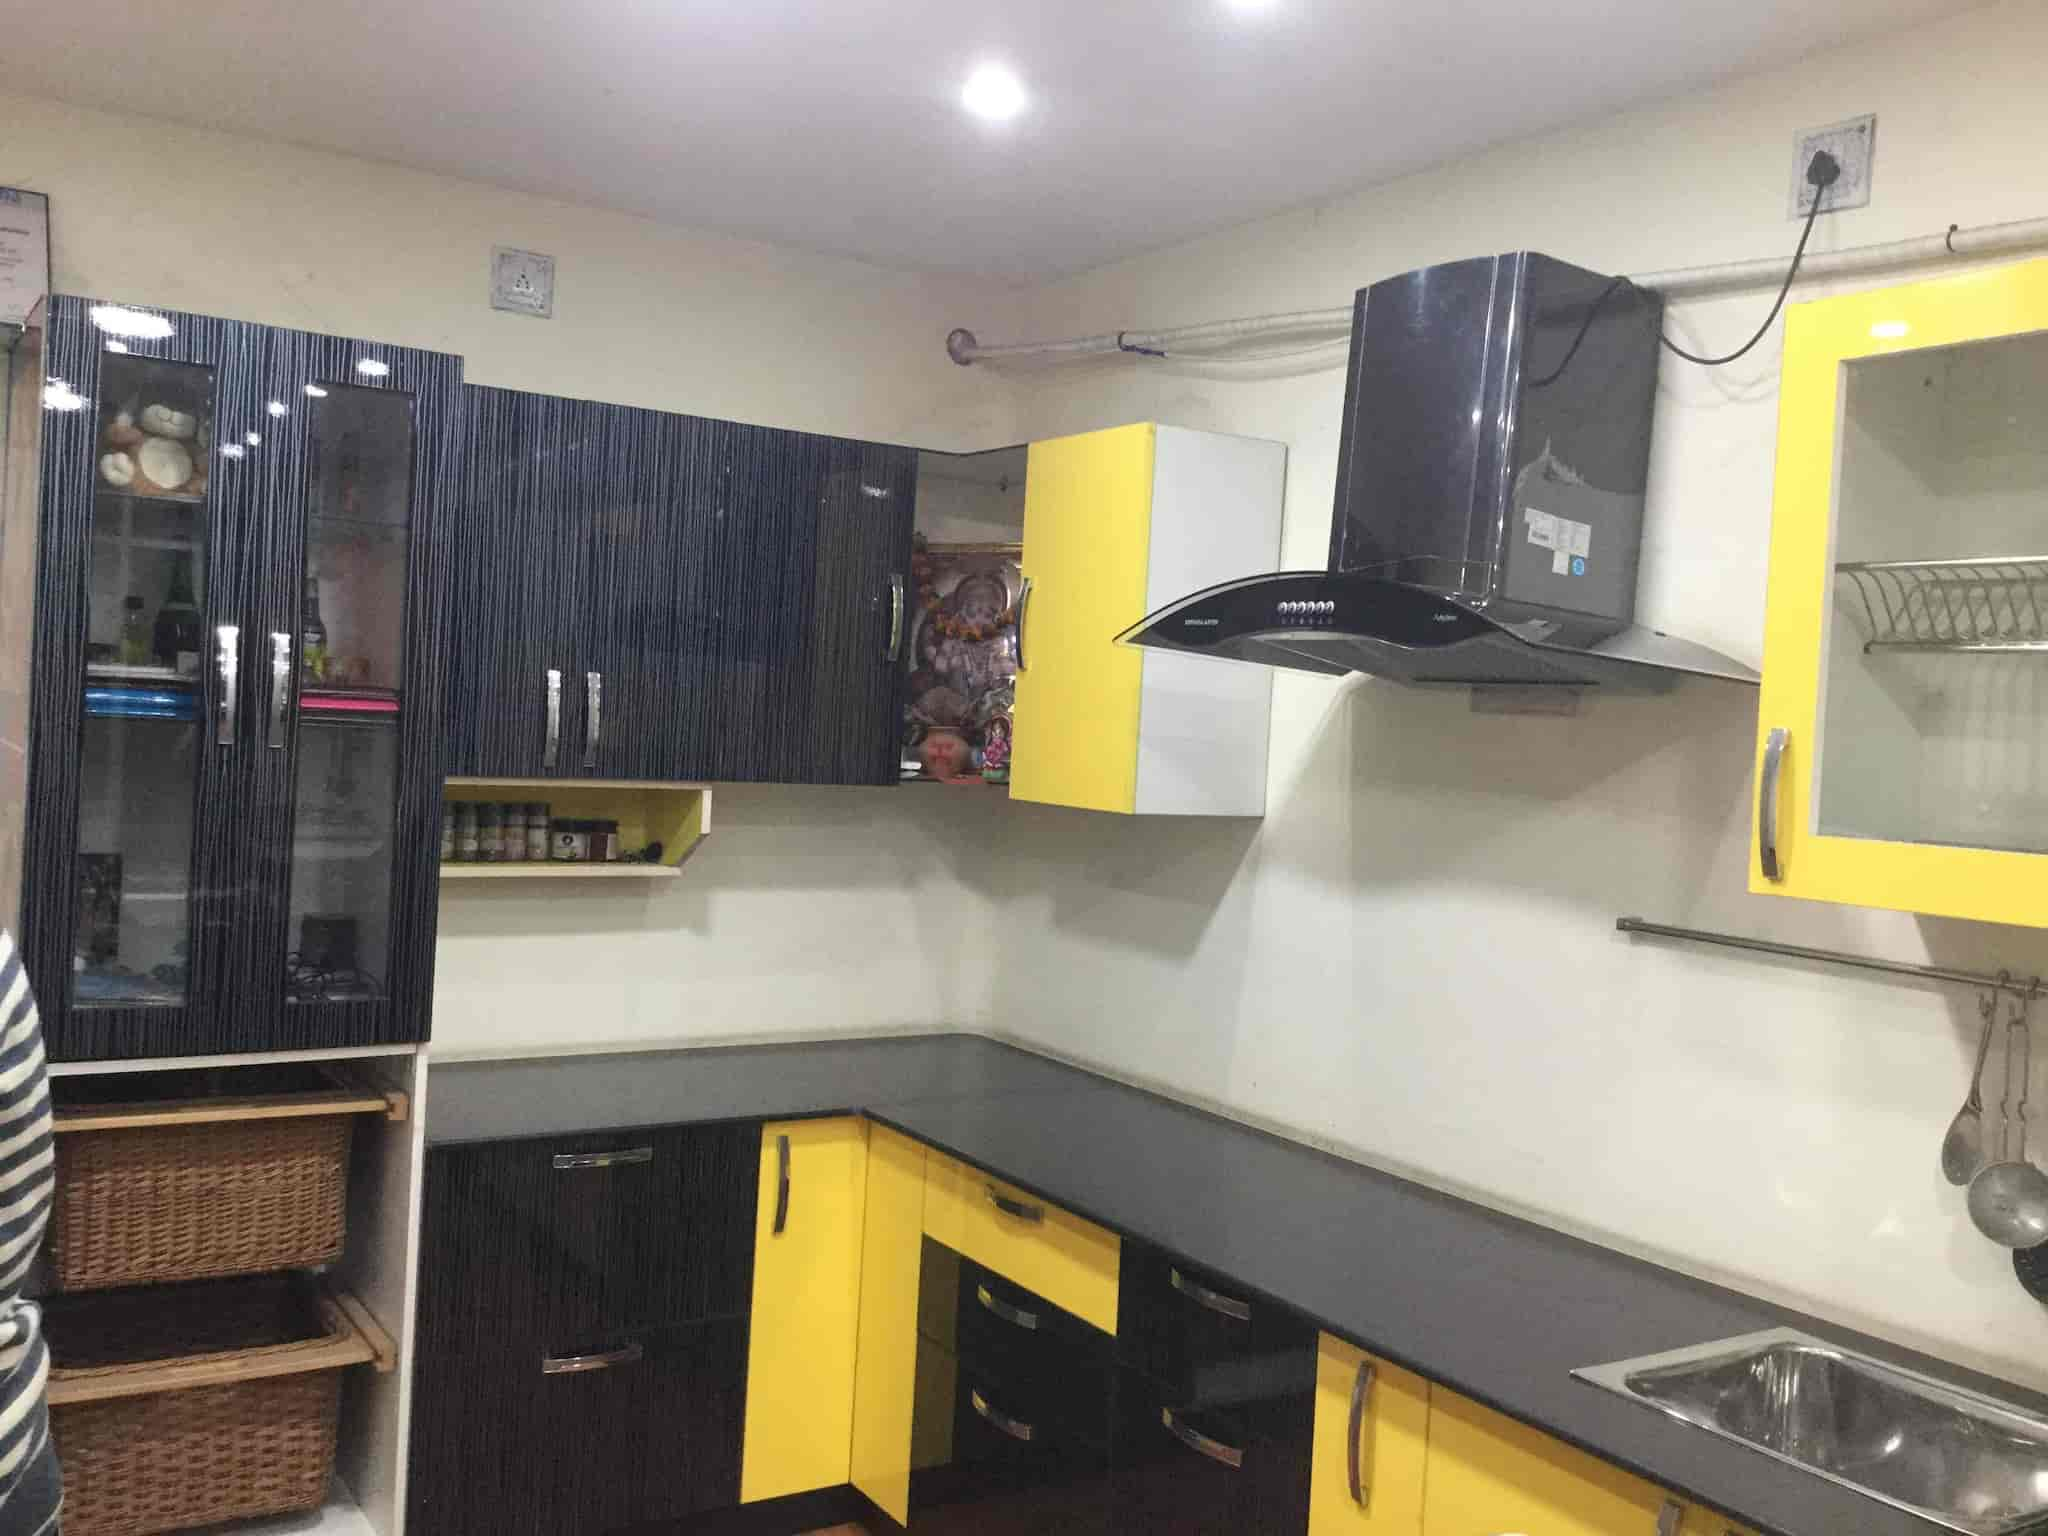 Modular kitchen with chimney interior design decorating ideas for Kitchen chimney interior design